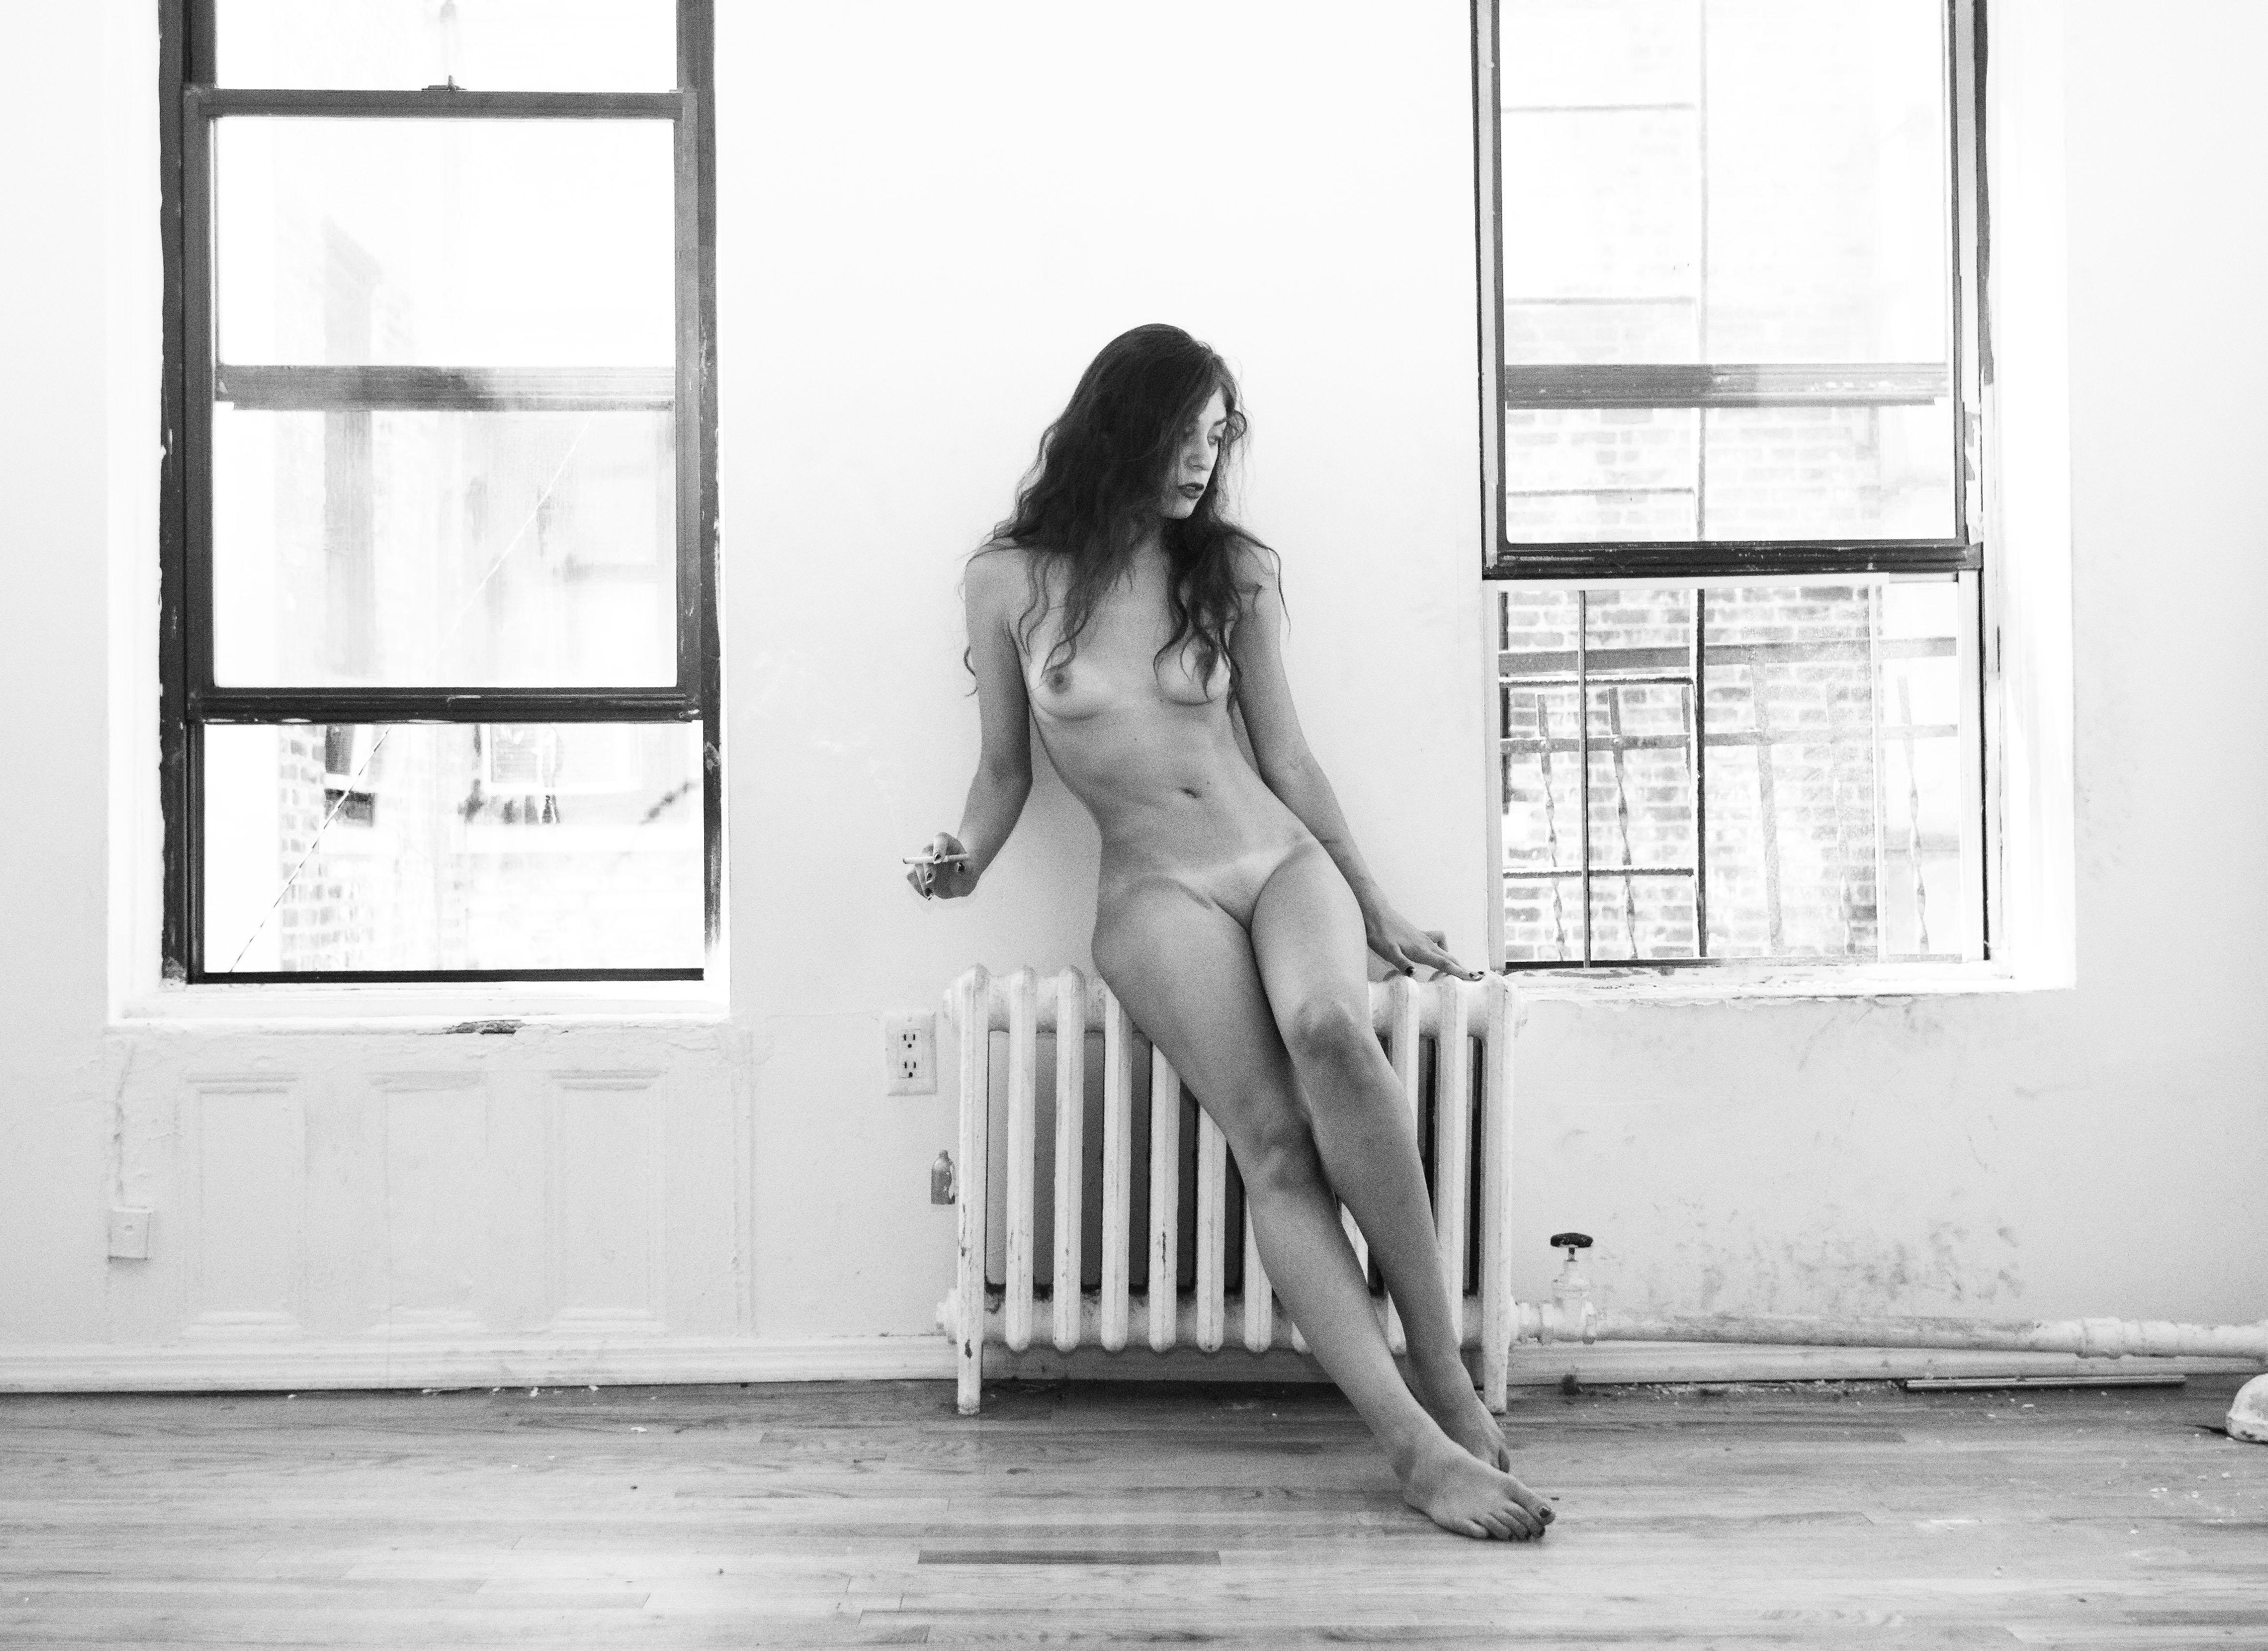 Nude_frontal2.jpg